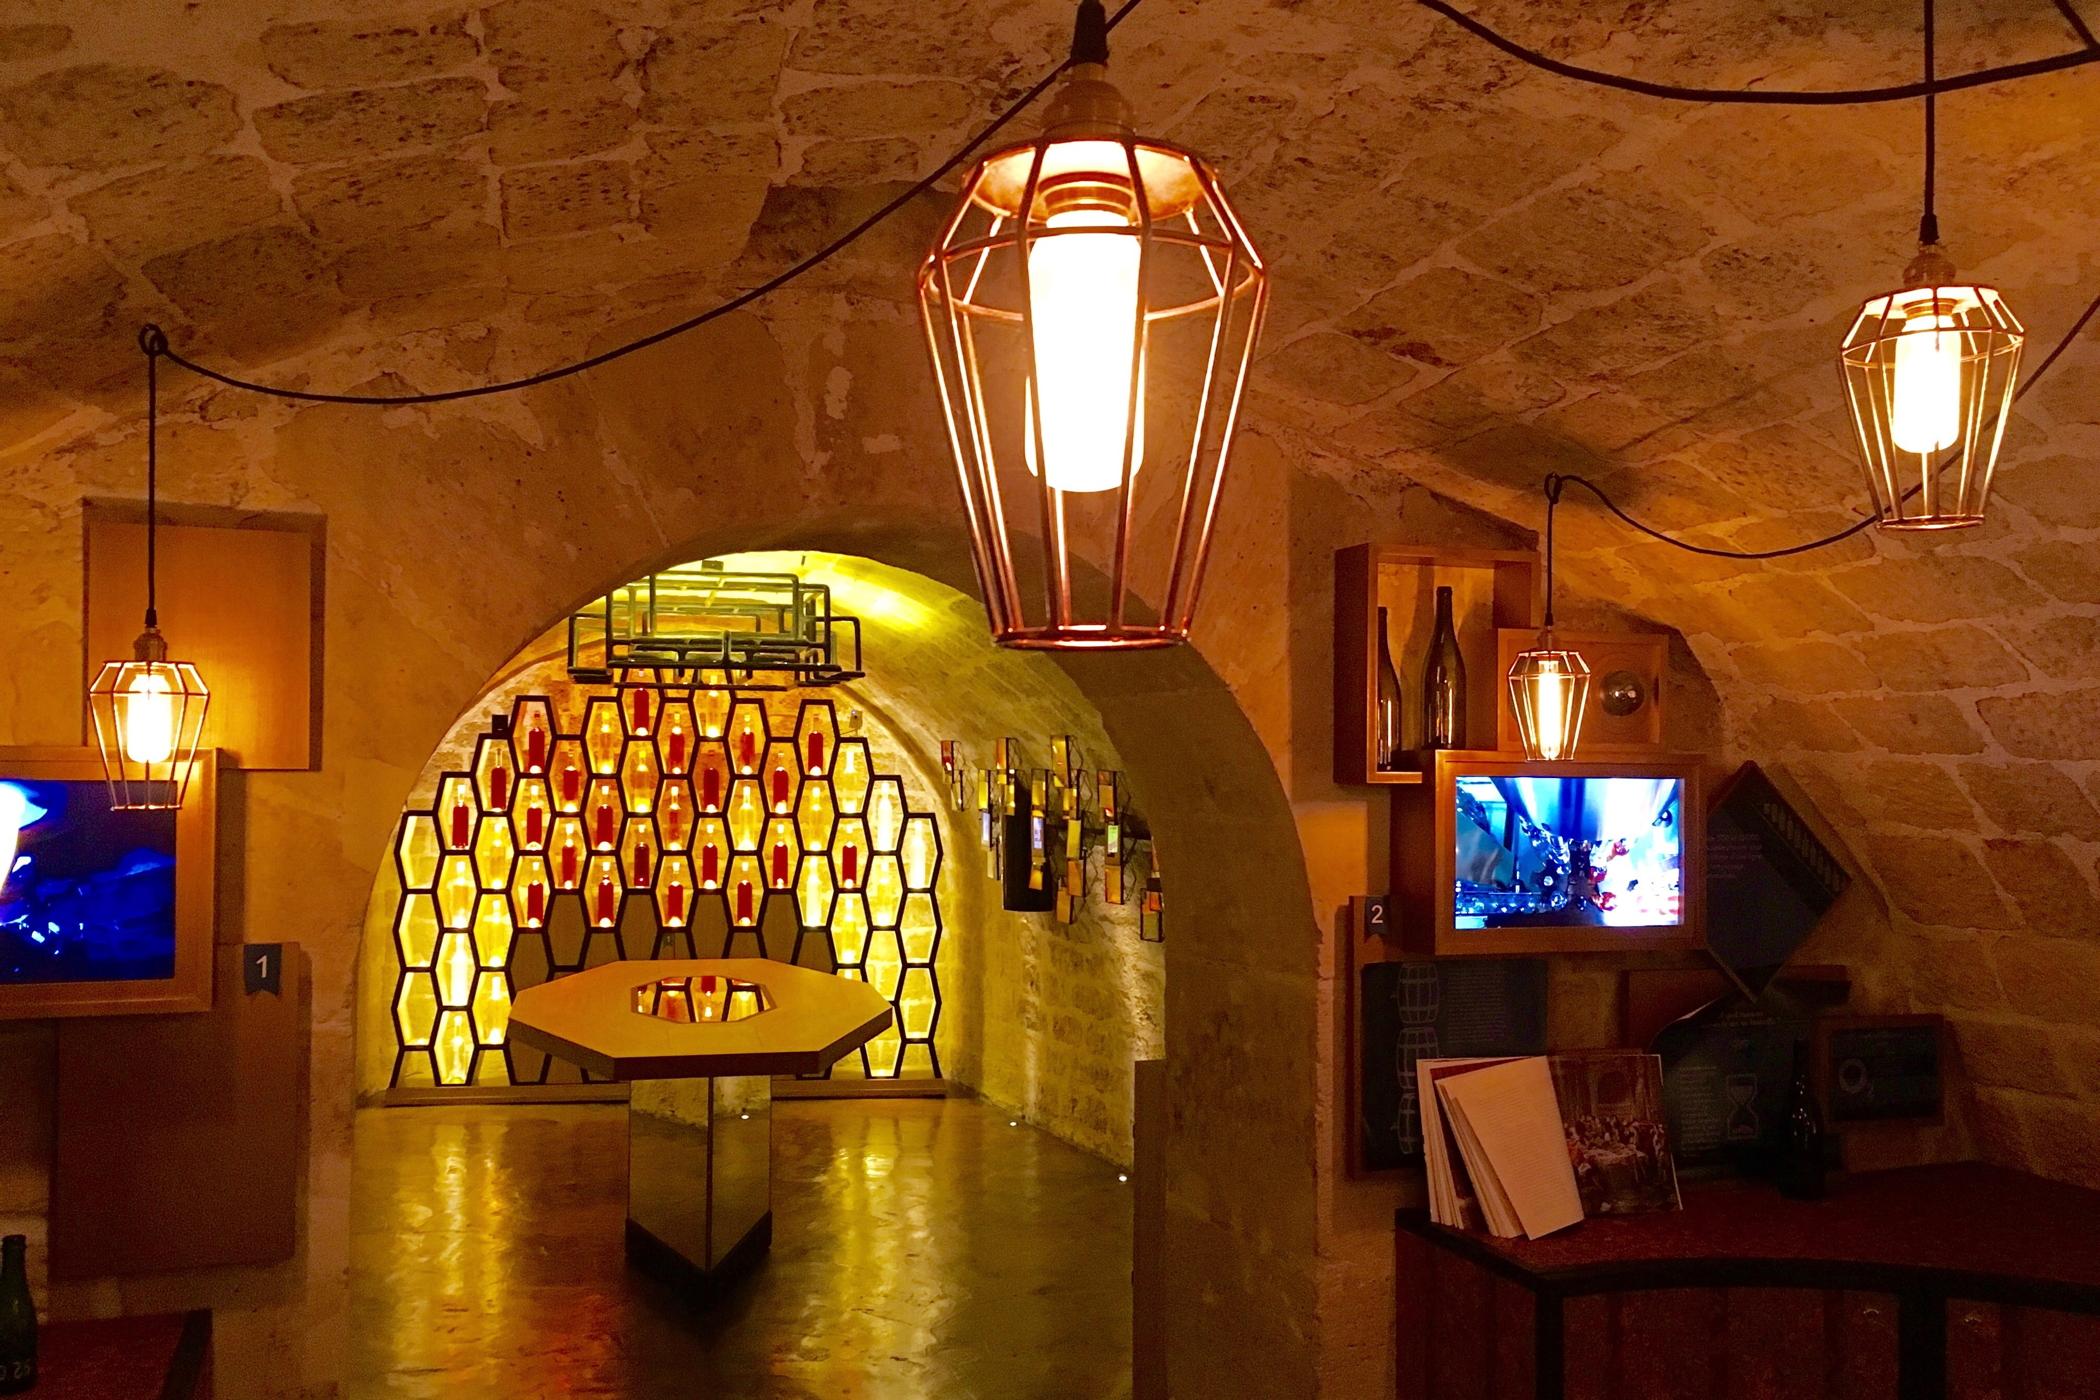 Ein Tag in Paris beim Wine Tasting im Caves du Louvre